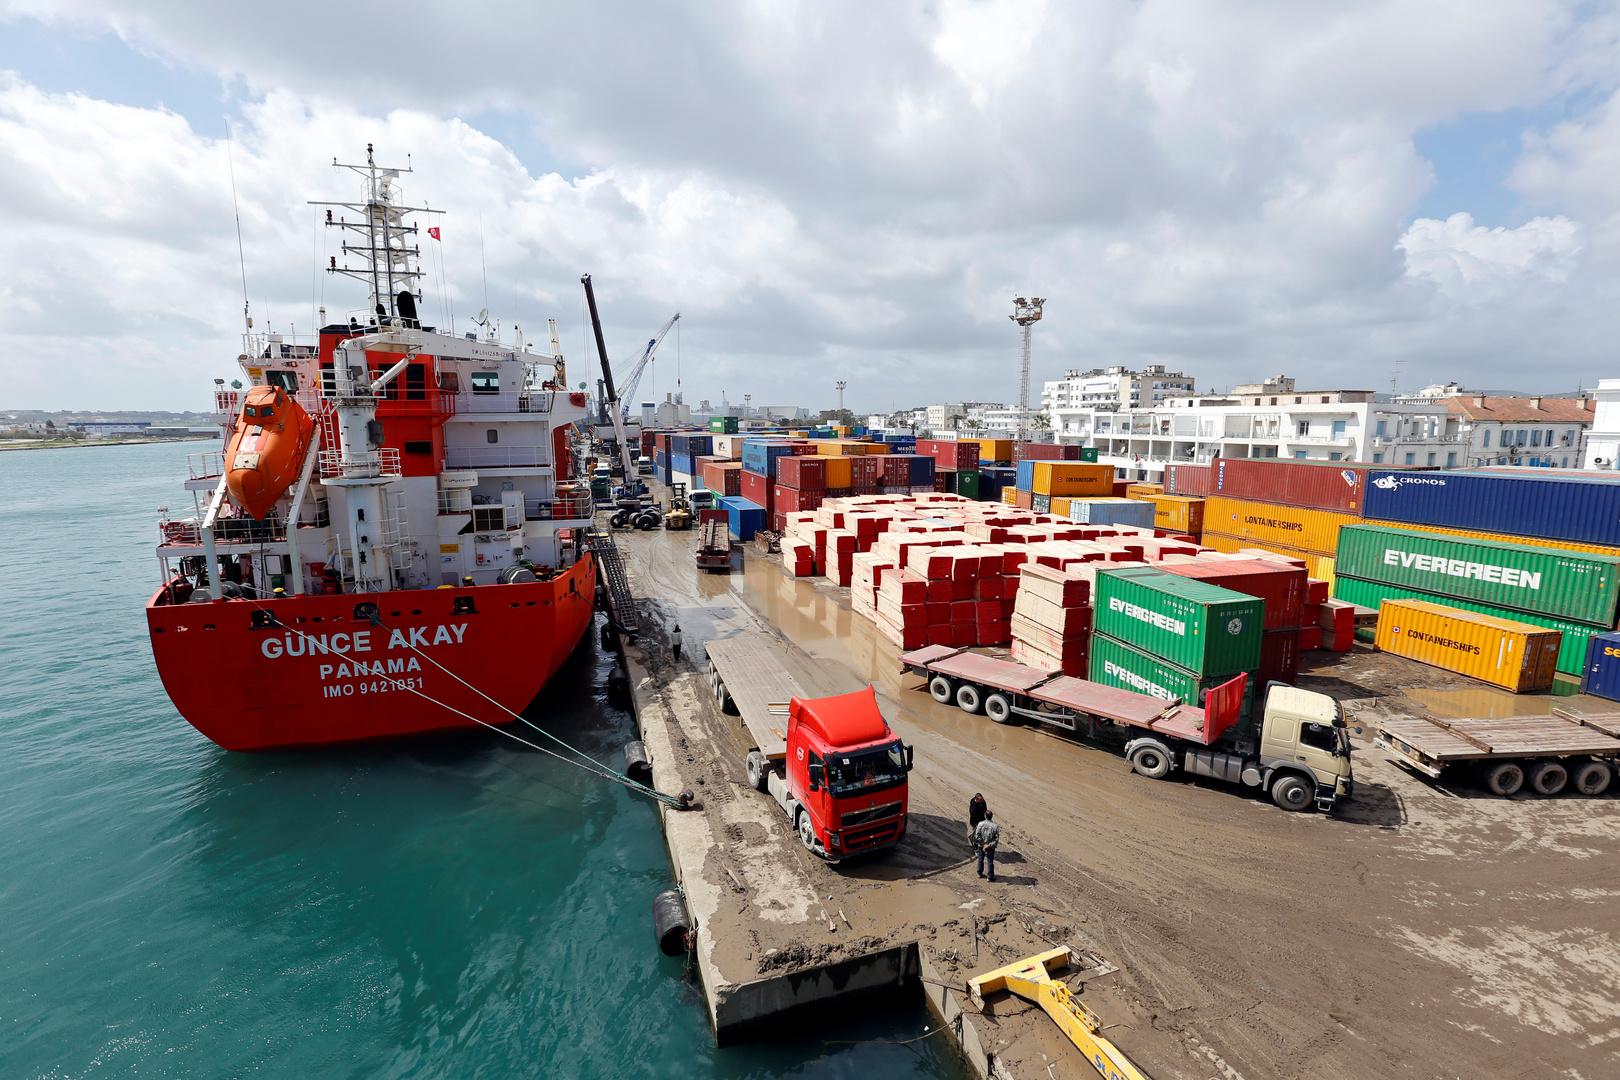 القضاء الإيطالي يردّ دعوى الشركة الإيطالية مصدرة النفايات إلى تونس